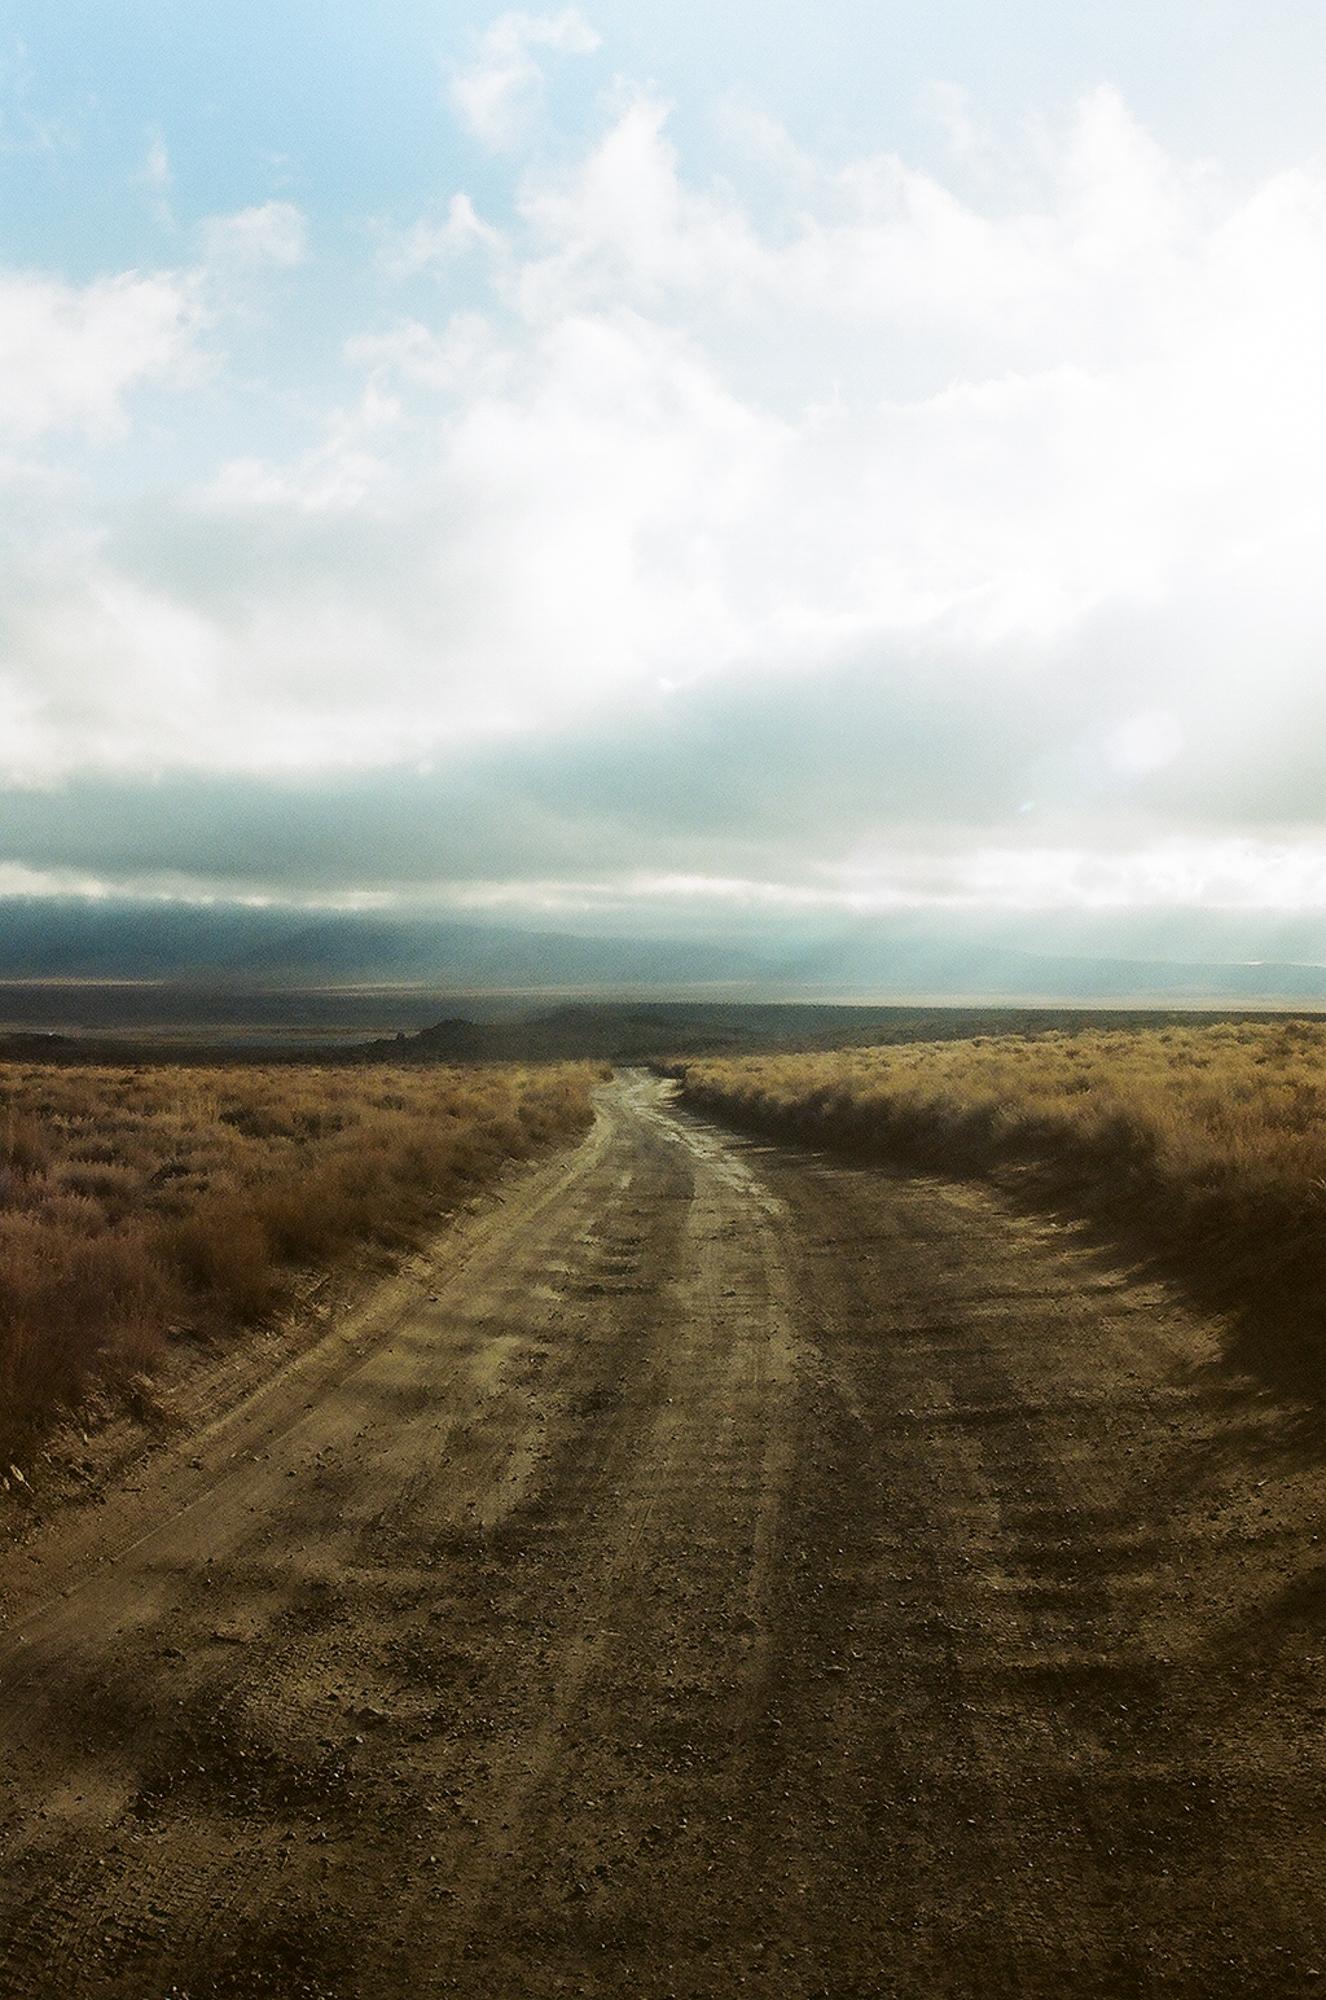 My favorite kind of road.